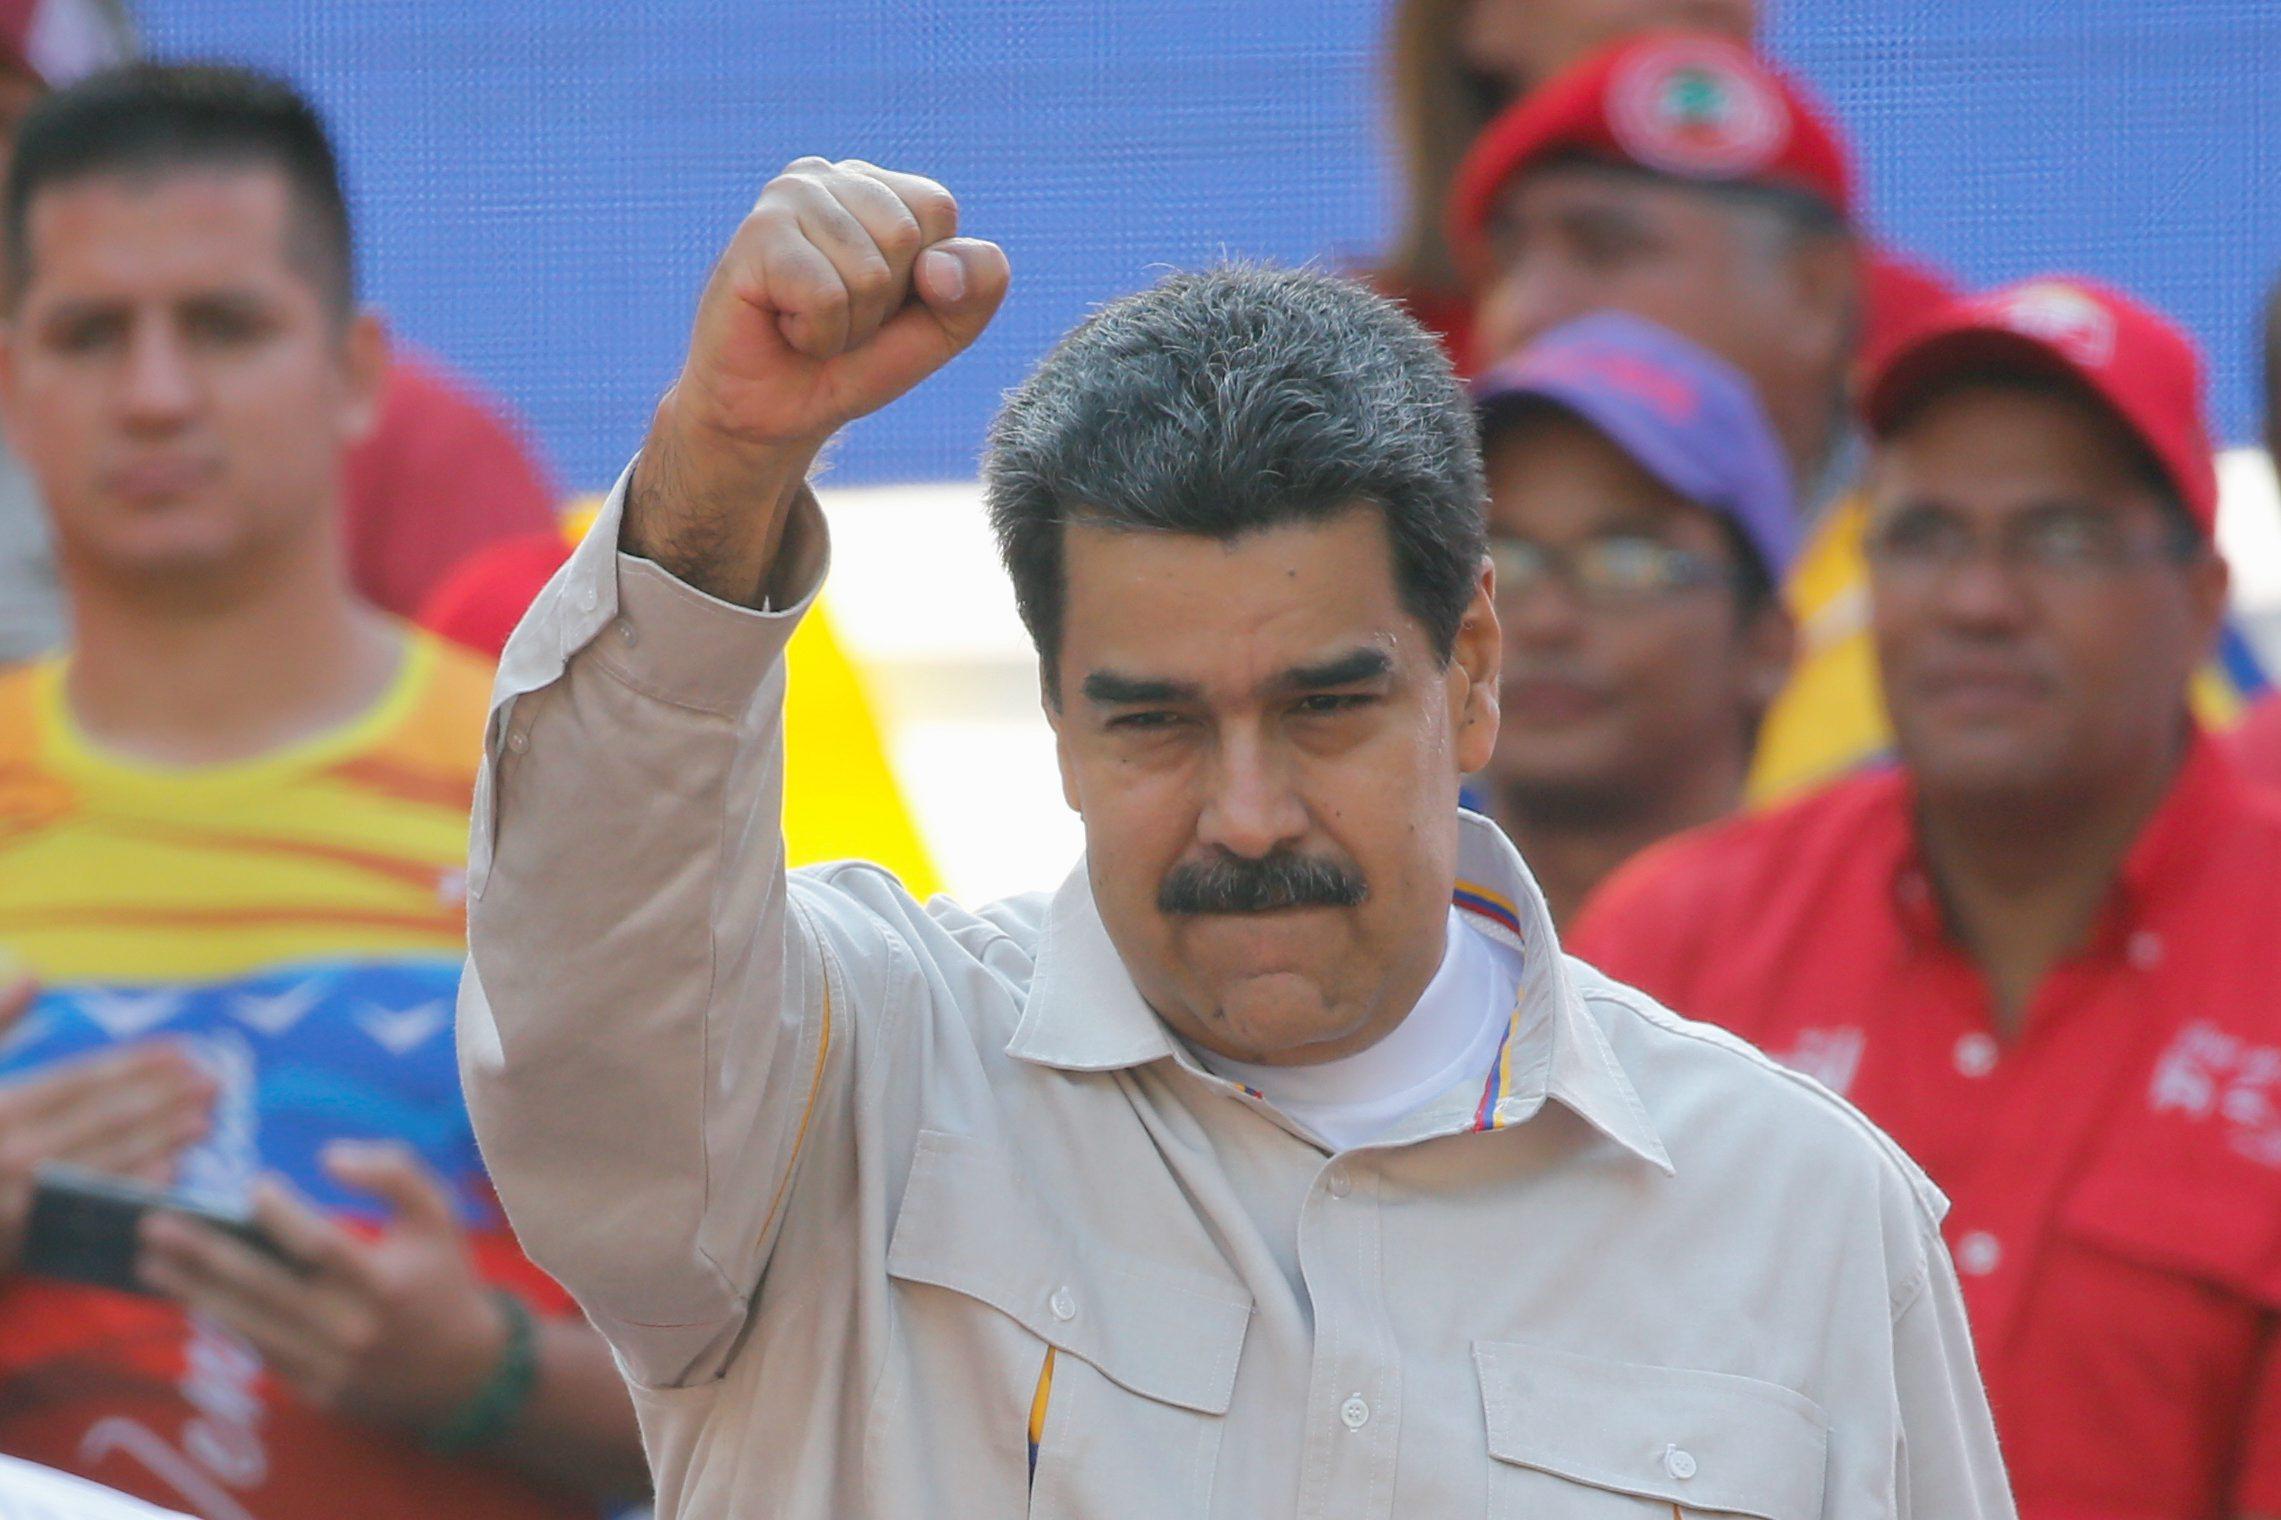 Mike Pence: Nicolas Maduro's Venezuela problems cross hemisphere